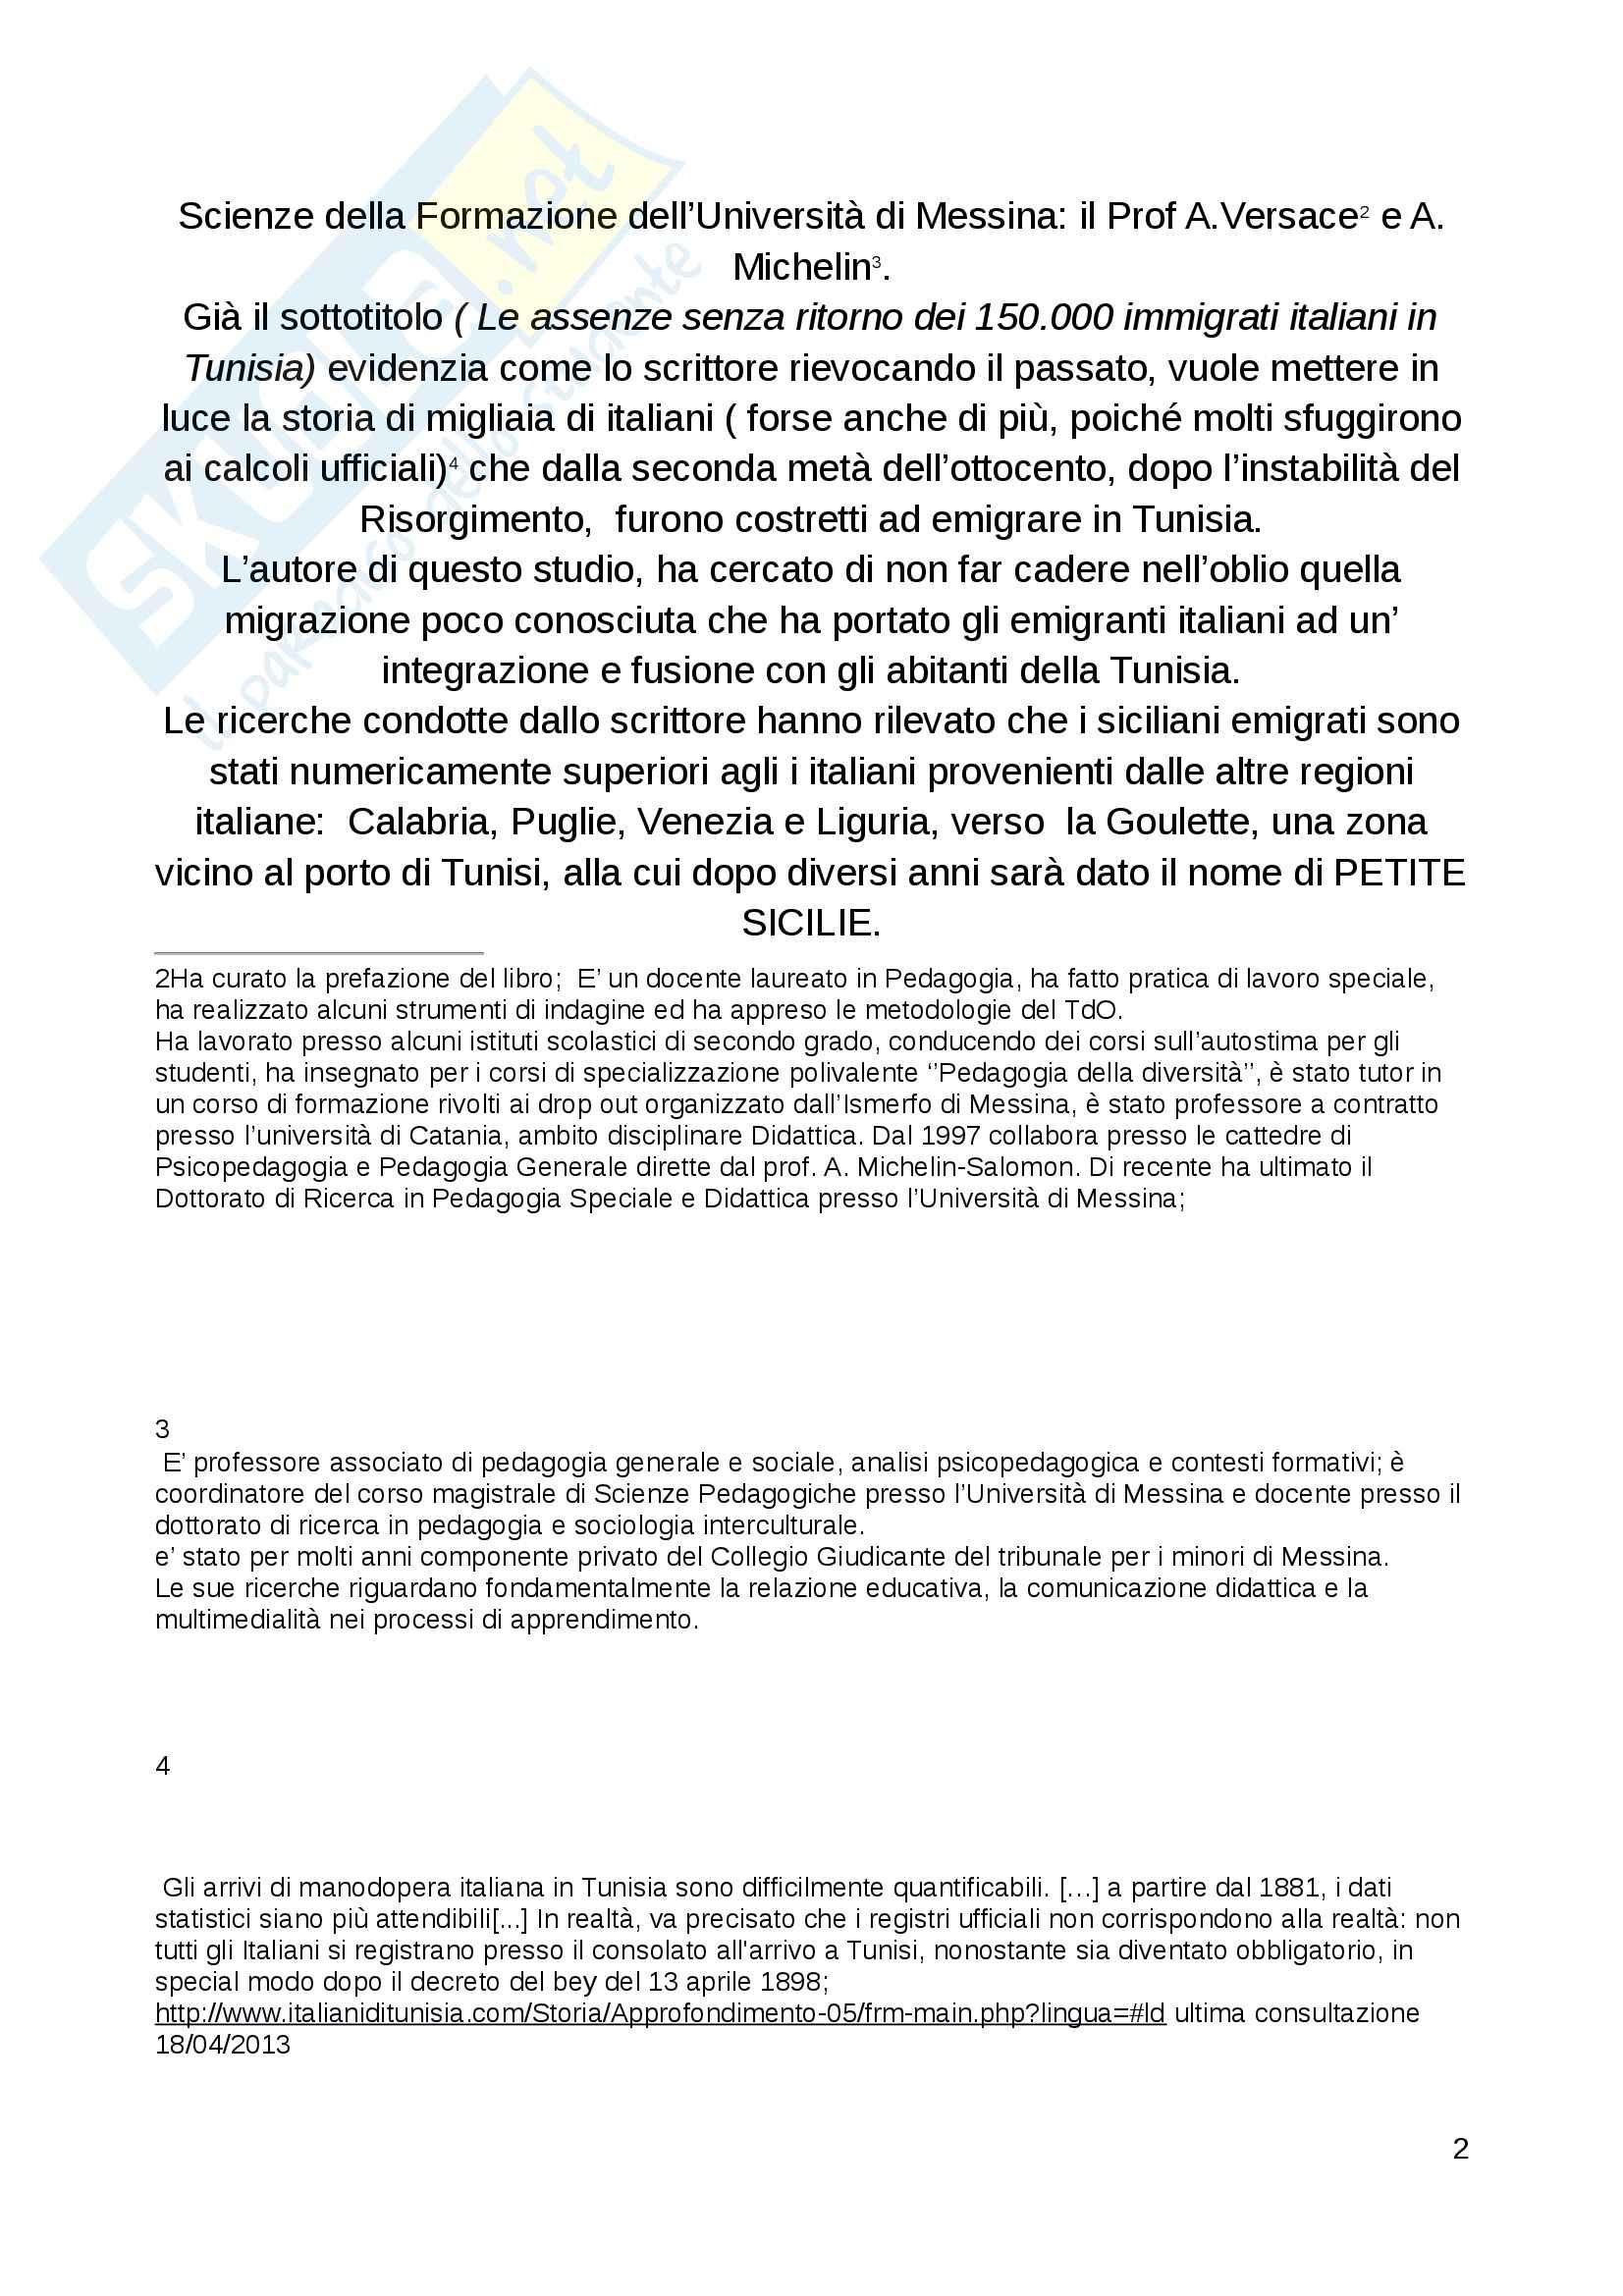 Riassunto esame Analisi contesti formativi, prof. Versace, libro consigliato Appuntamento alla Goulette, Versace, Baldi Pag. 2